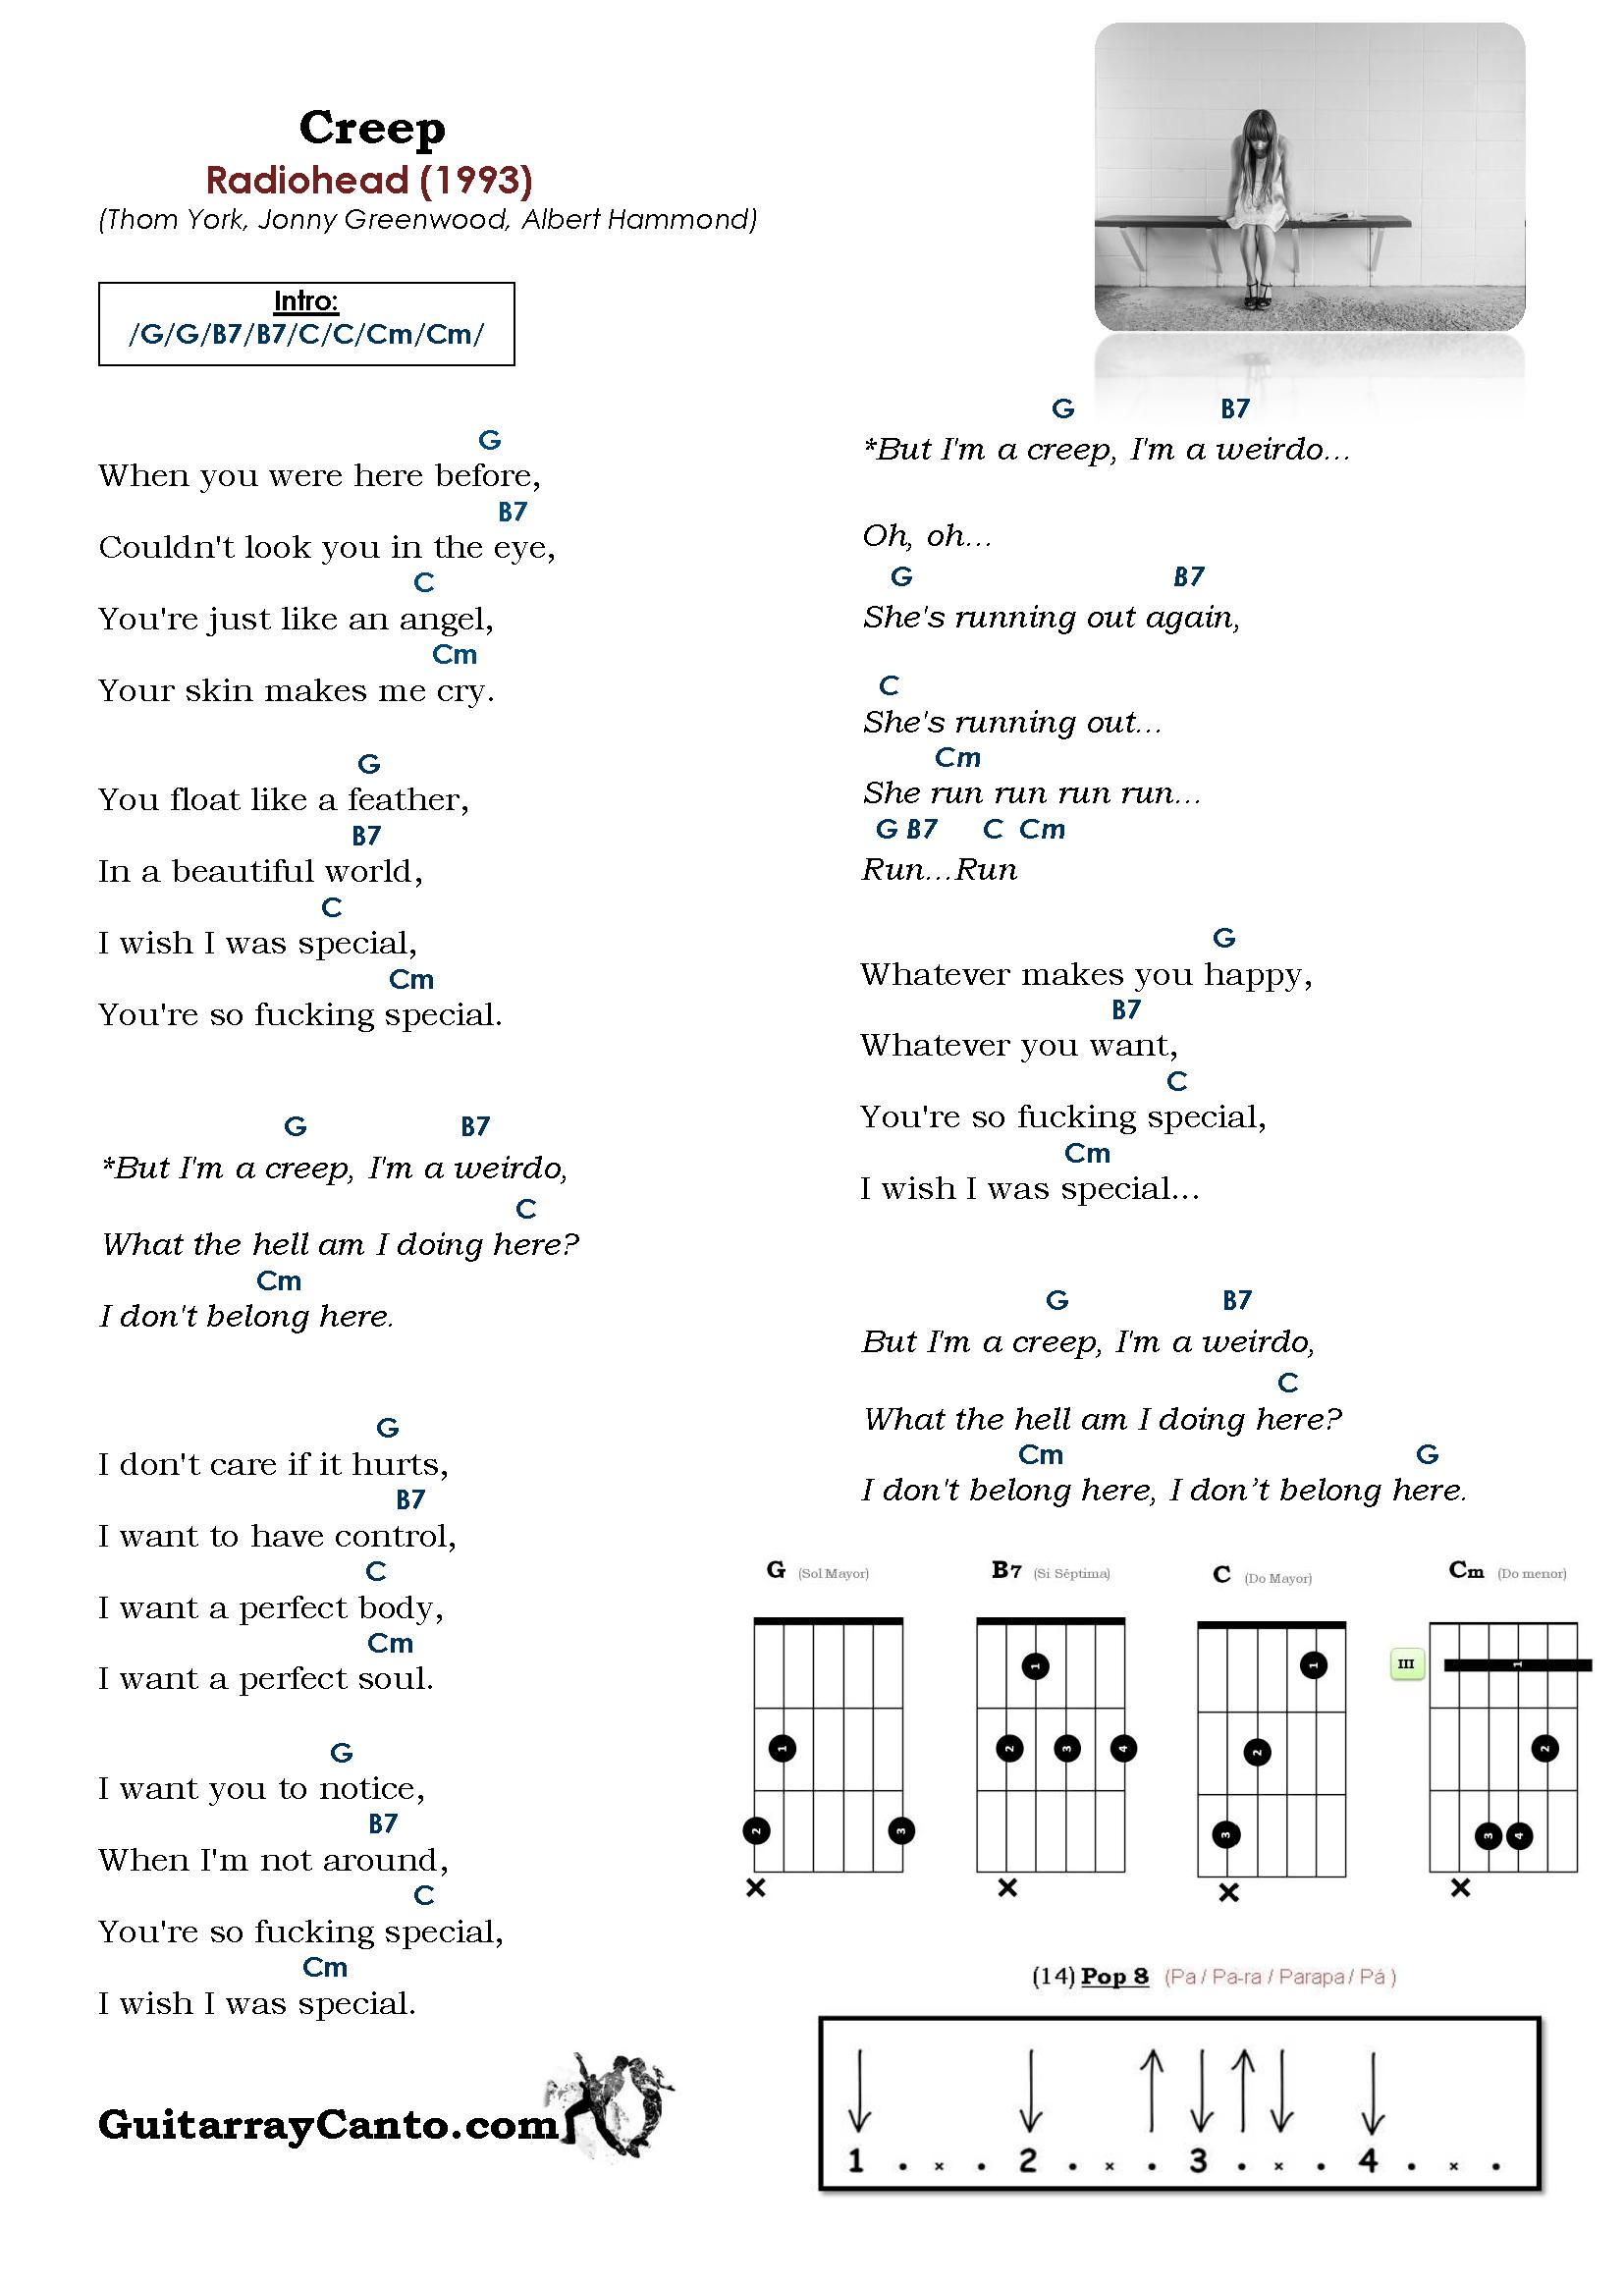 Acordes Creep Radiohead. Cómo tocar Creep de Radiohead a la Guitarra